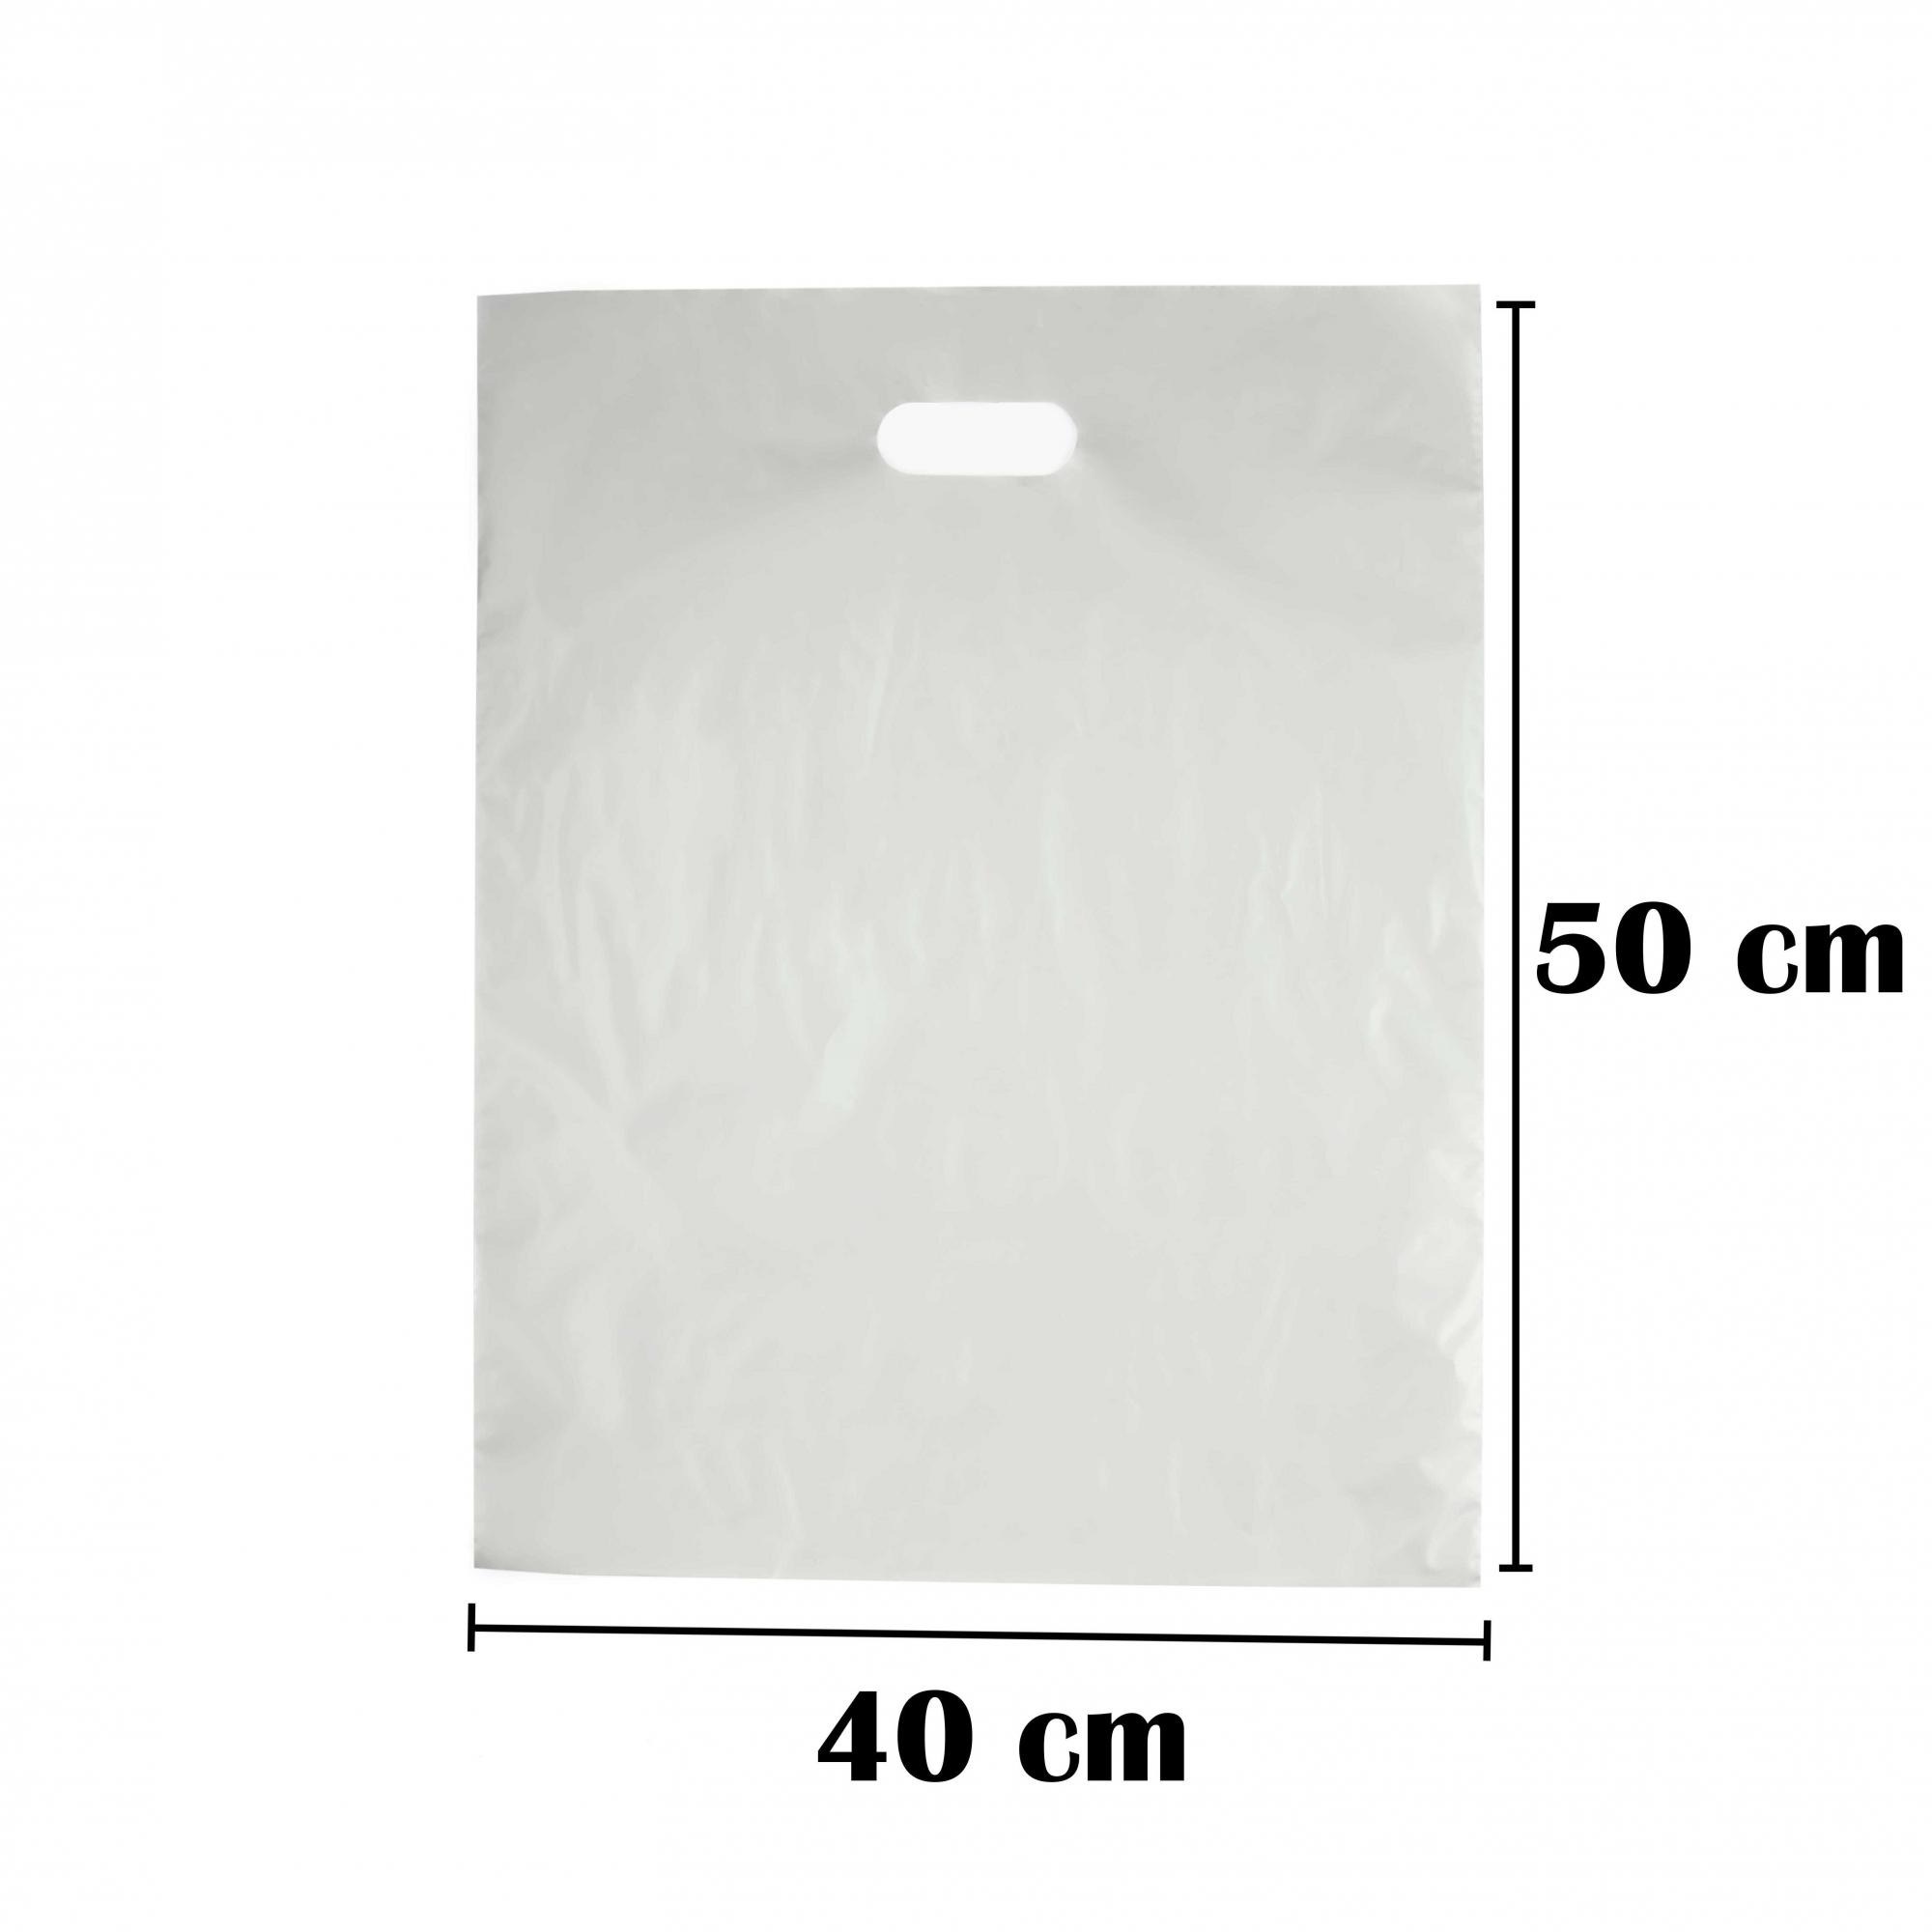 Sacola Plástica 40x50 Prata Alça Boca de Palhaço 500 Unidades